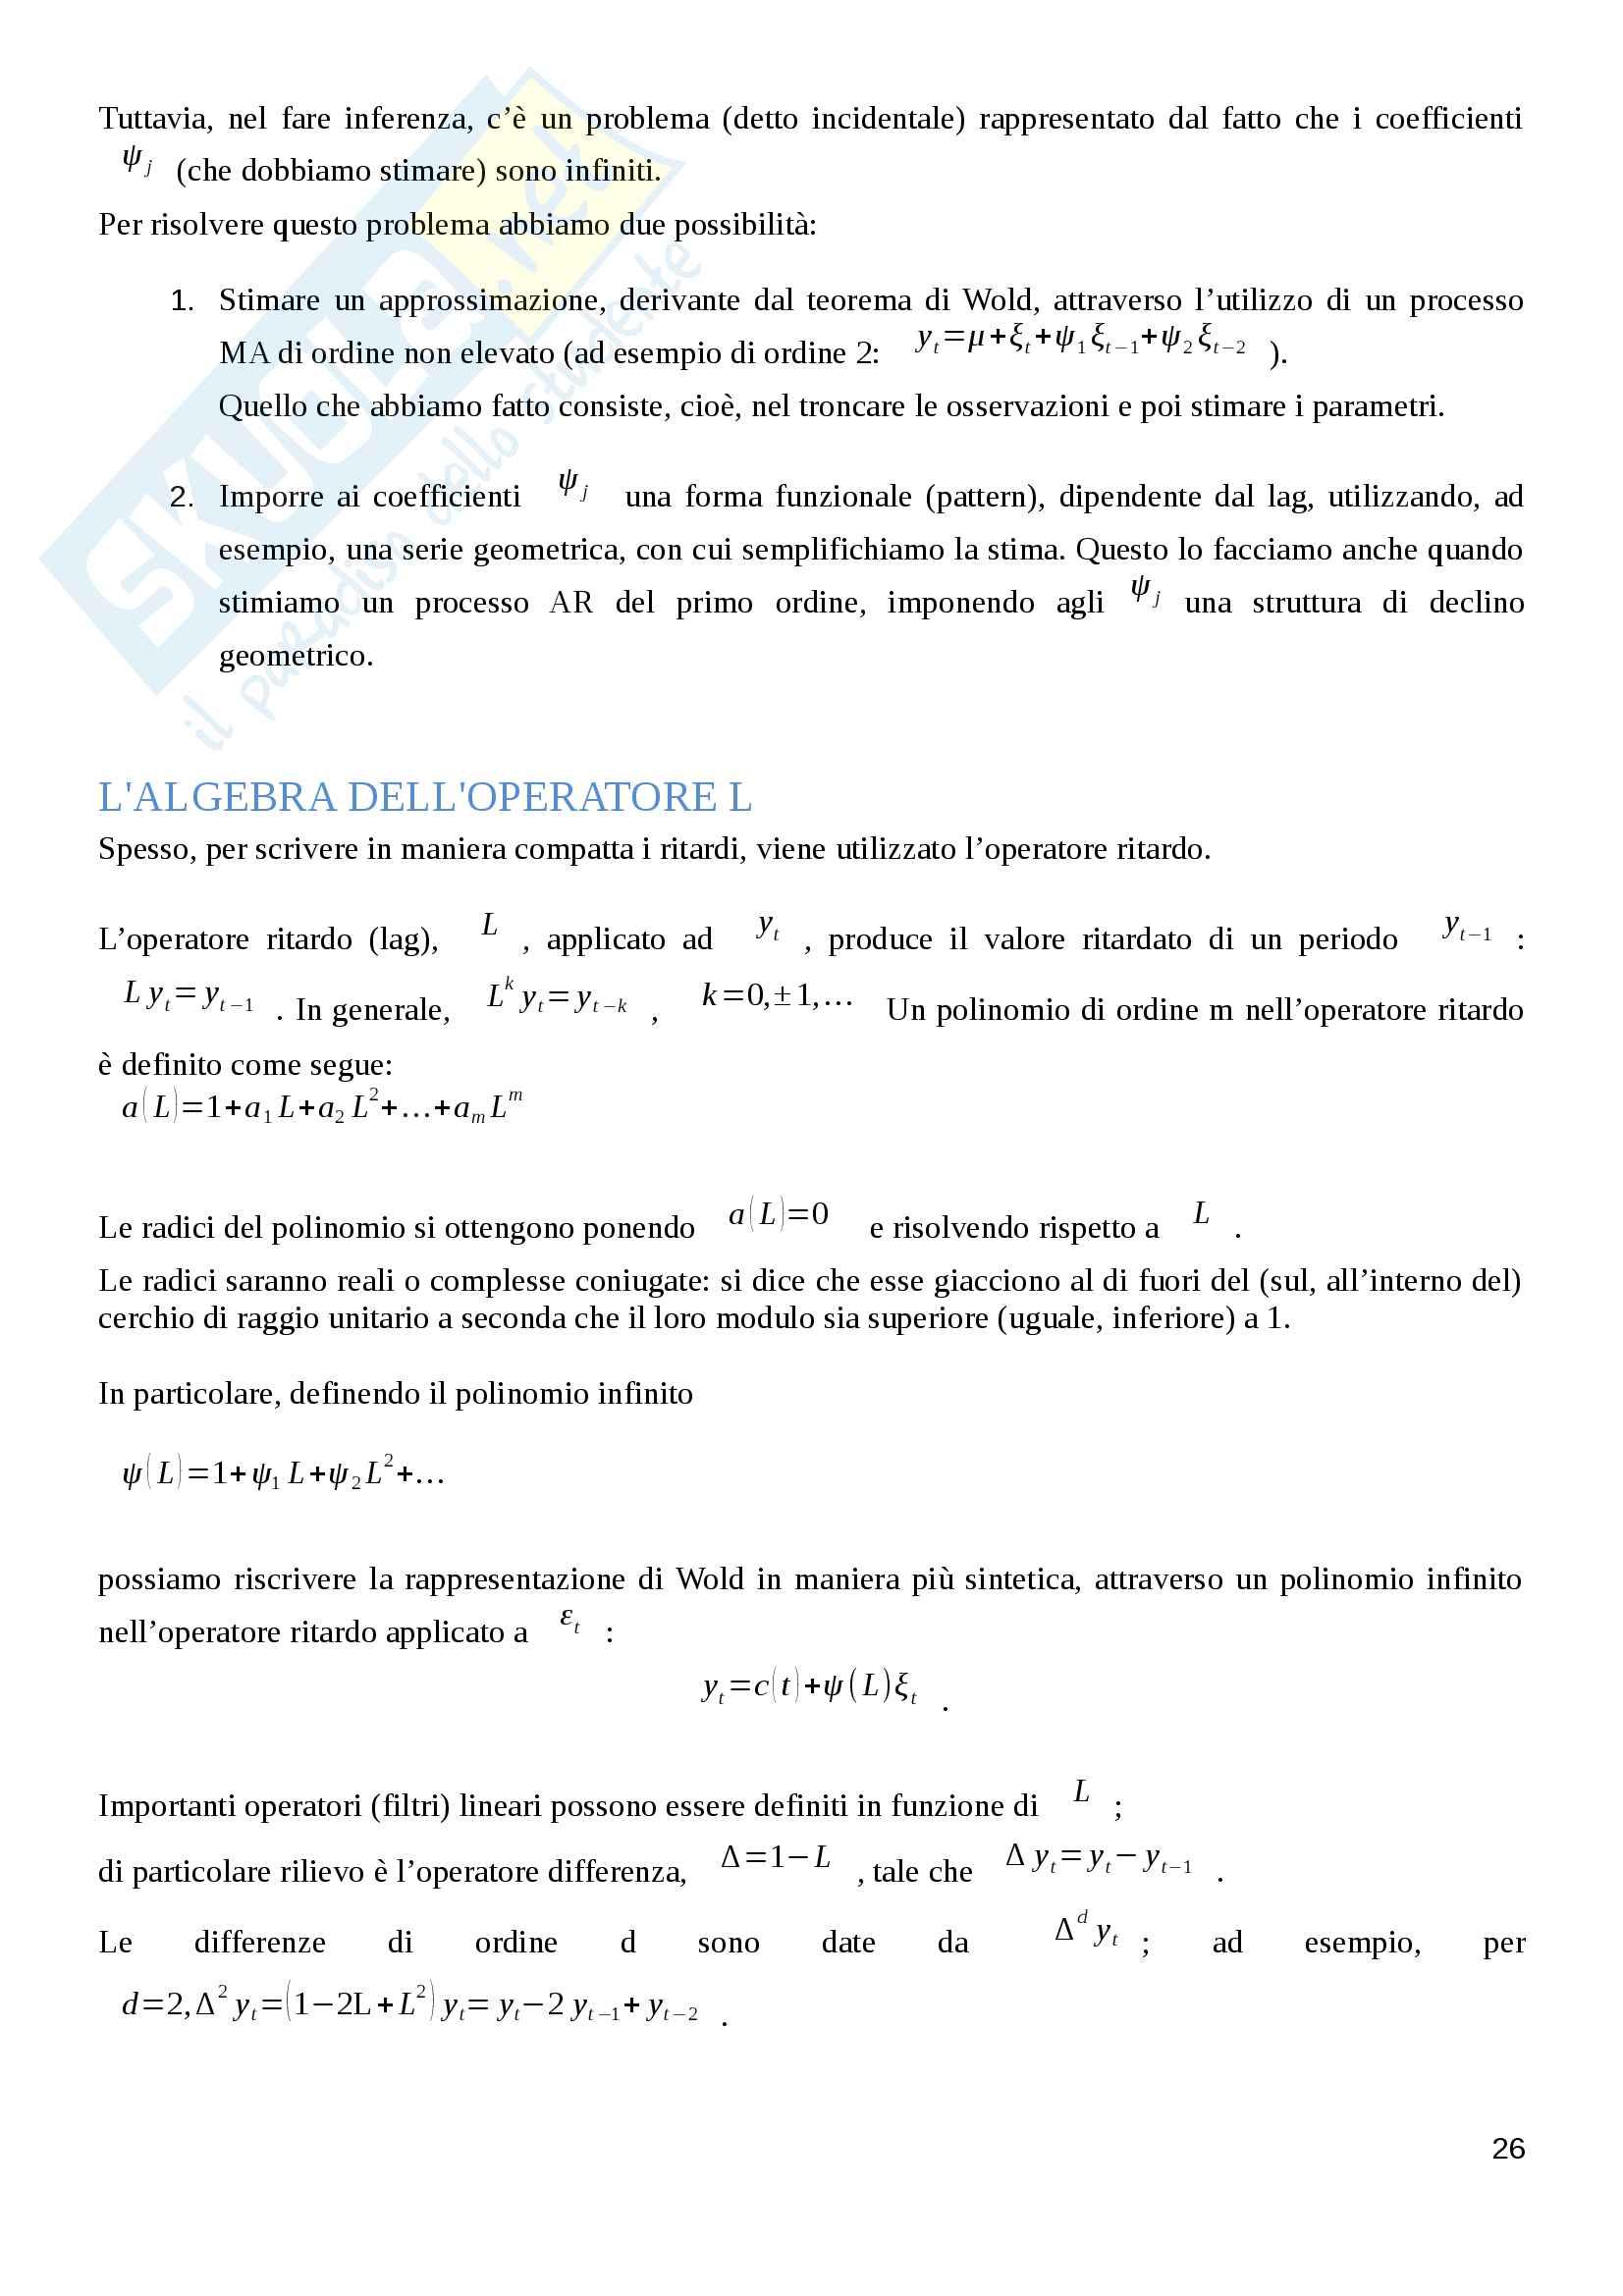 Appunti Finanza Quantitativa Pag. 26